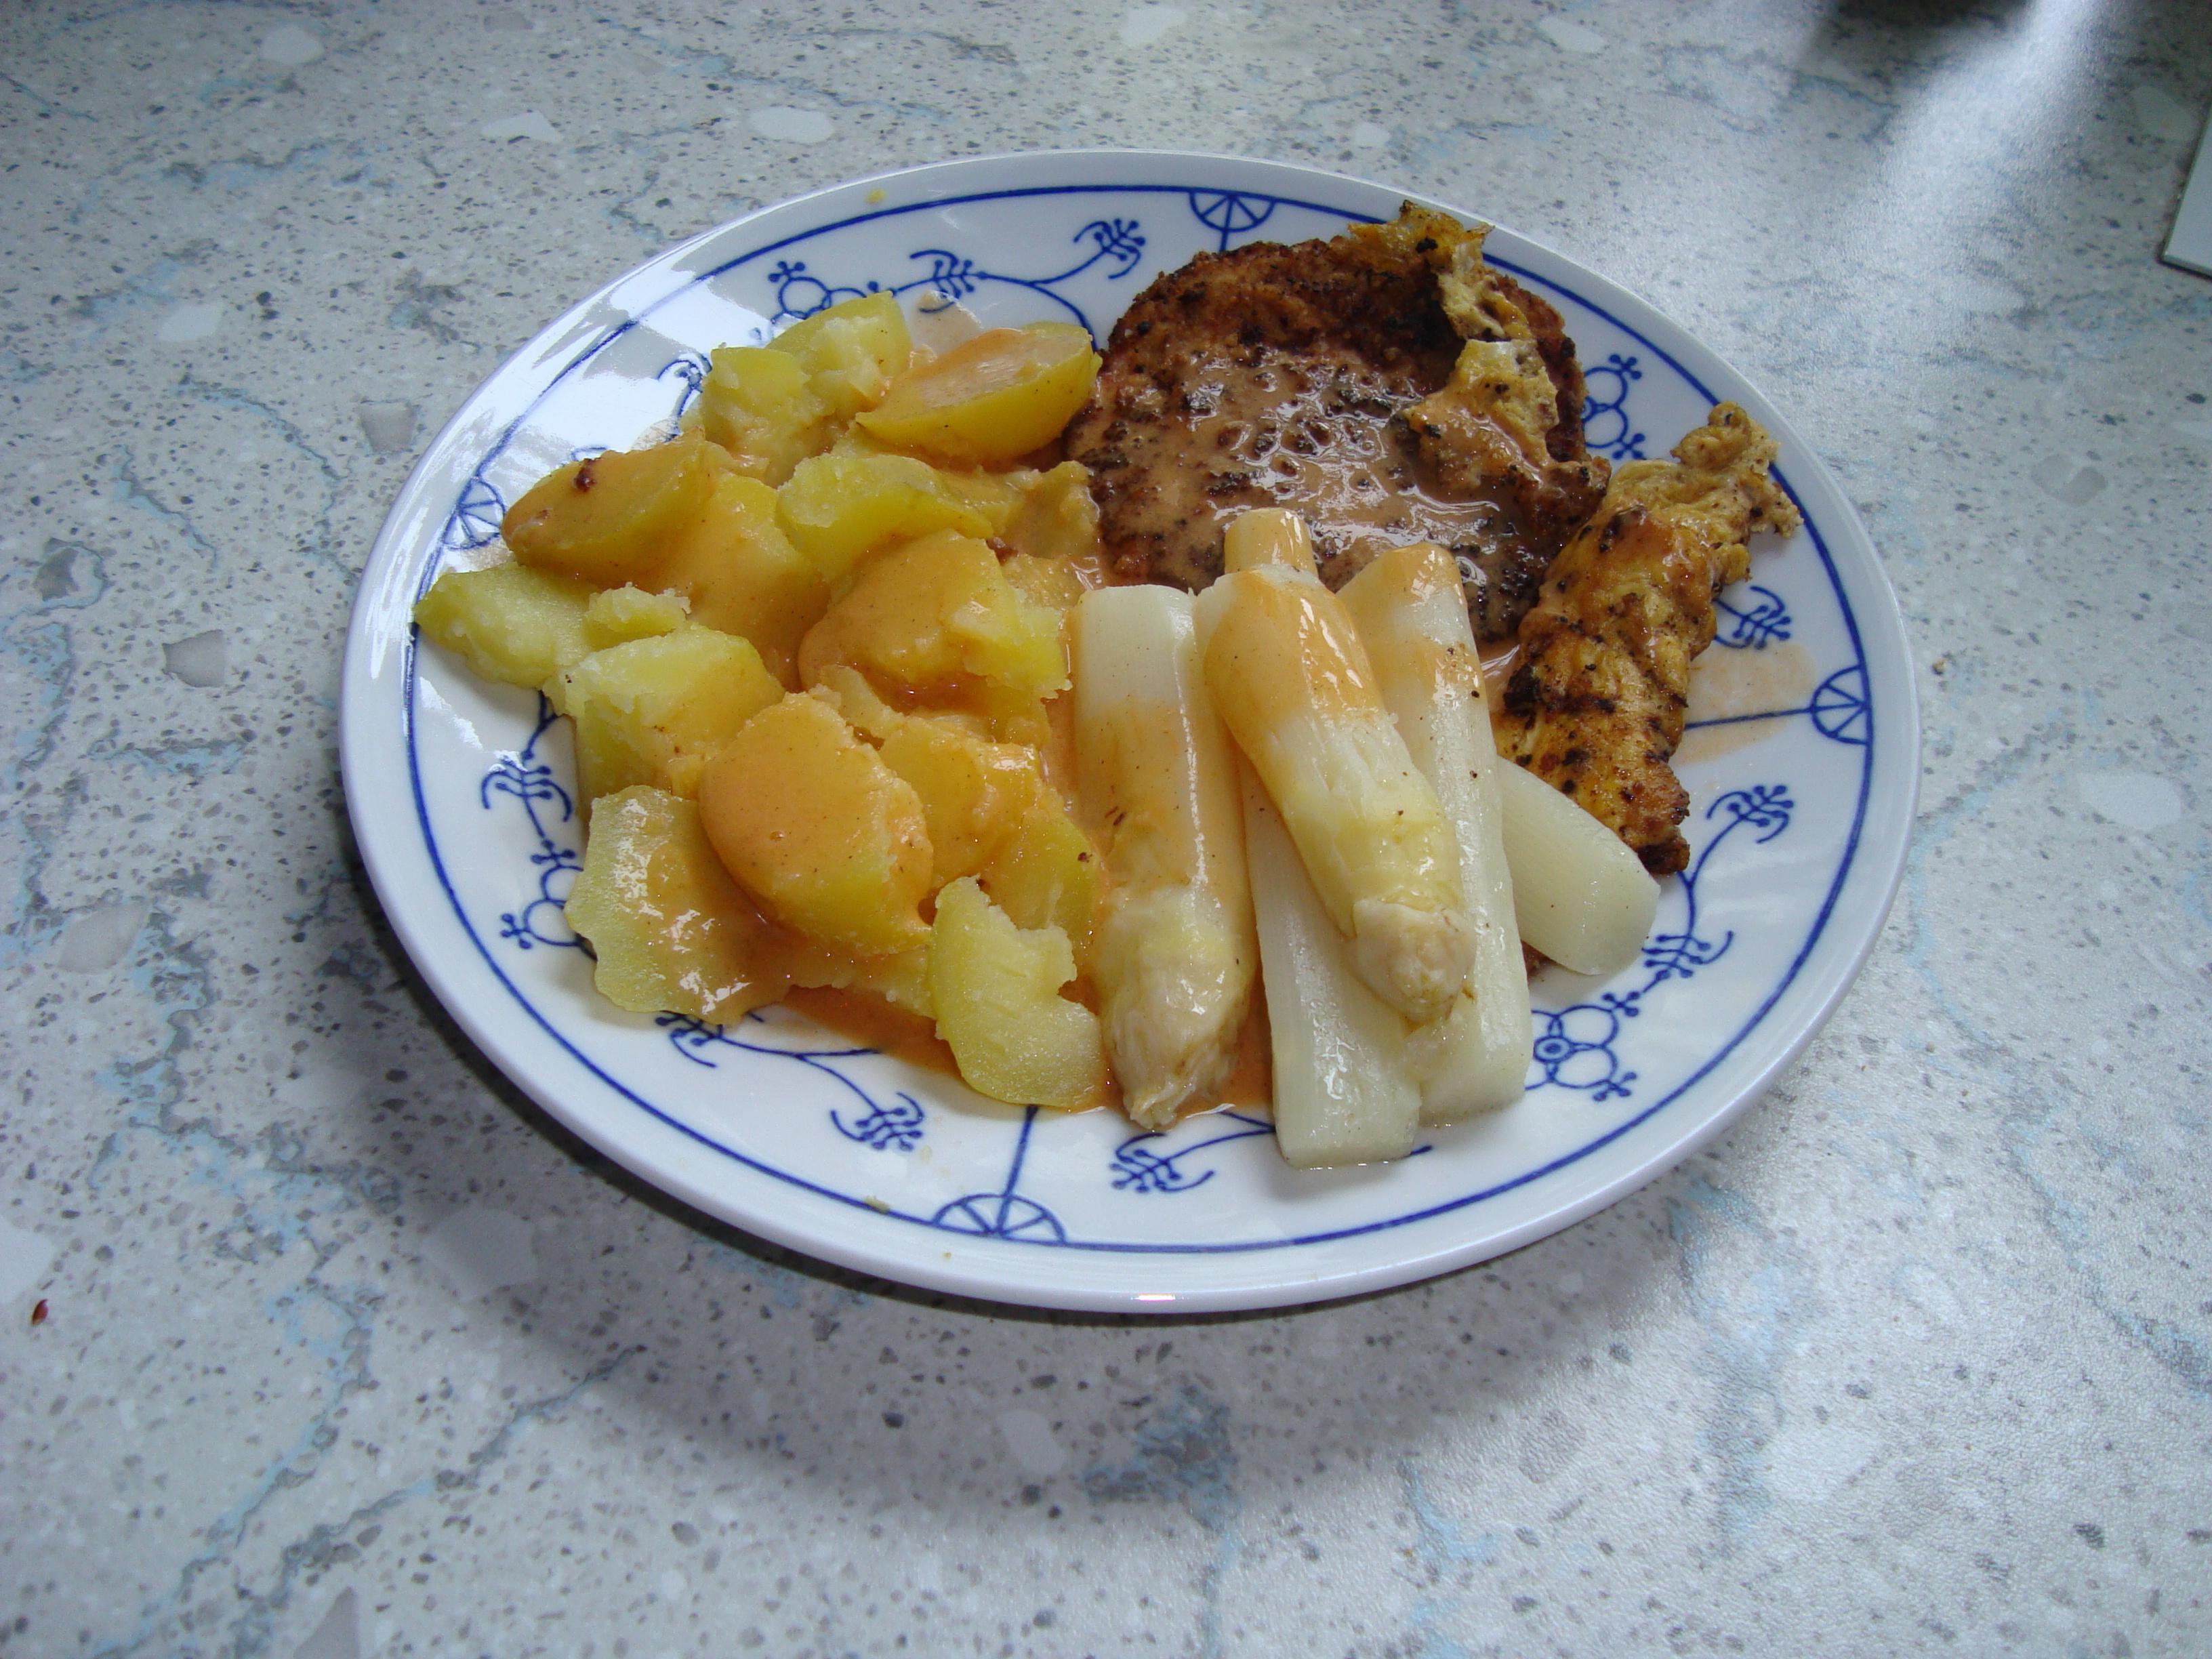 http://foodloader.net/Nemo_2009-04-18_Kasslerkotelett_mit_Kartoffeln_und_Spargel.jpg